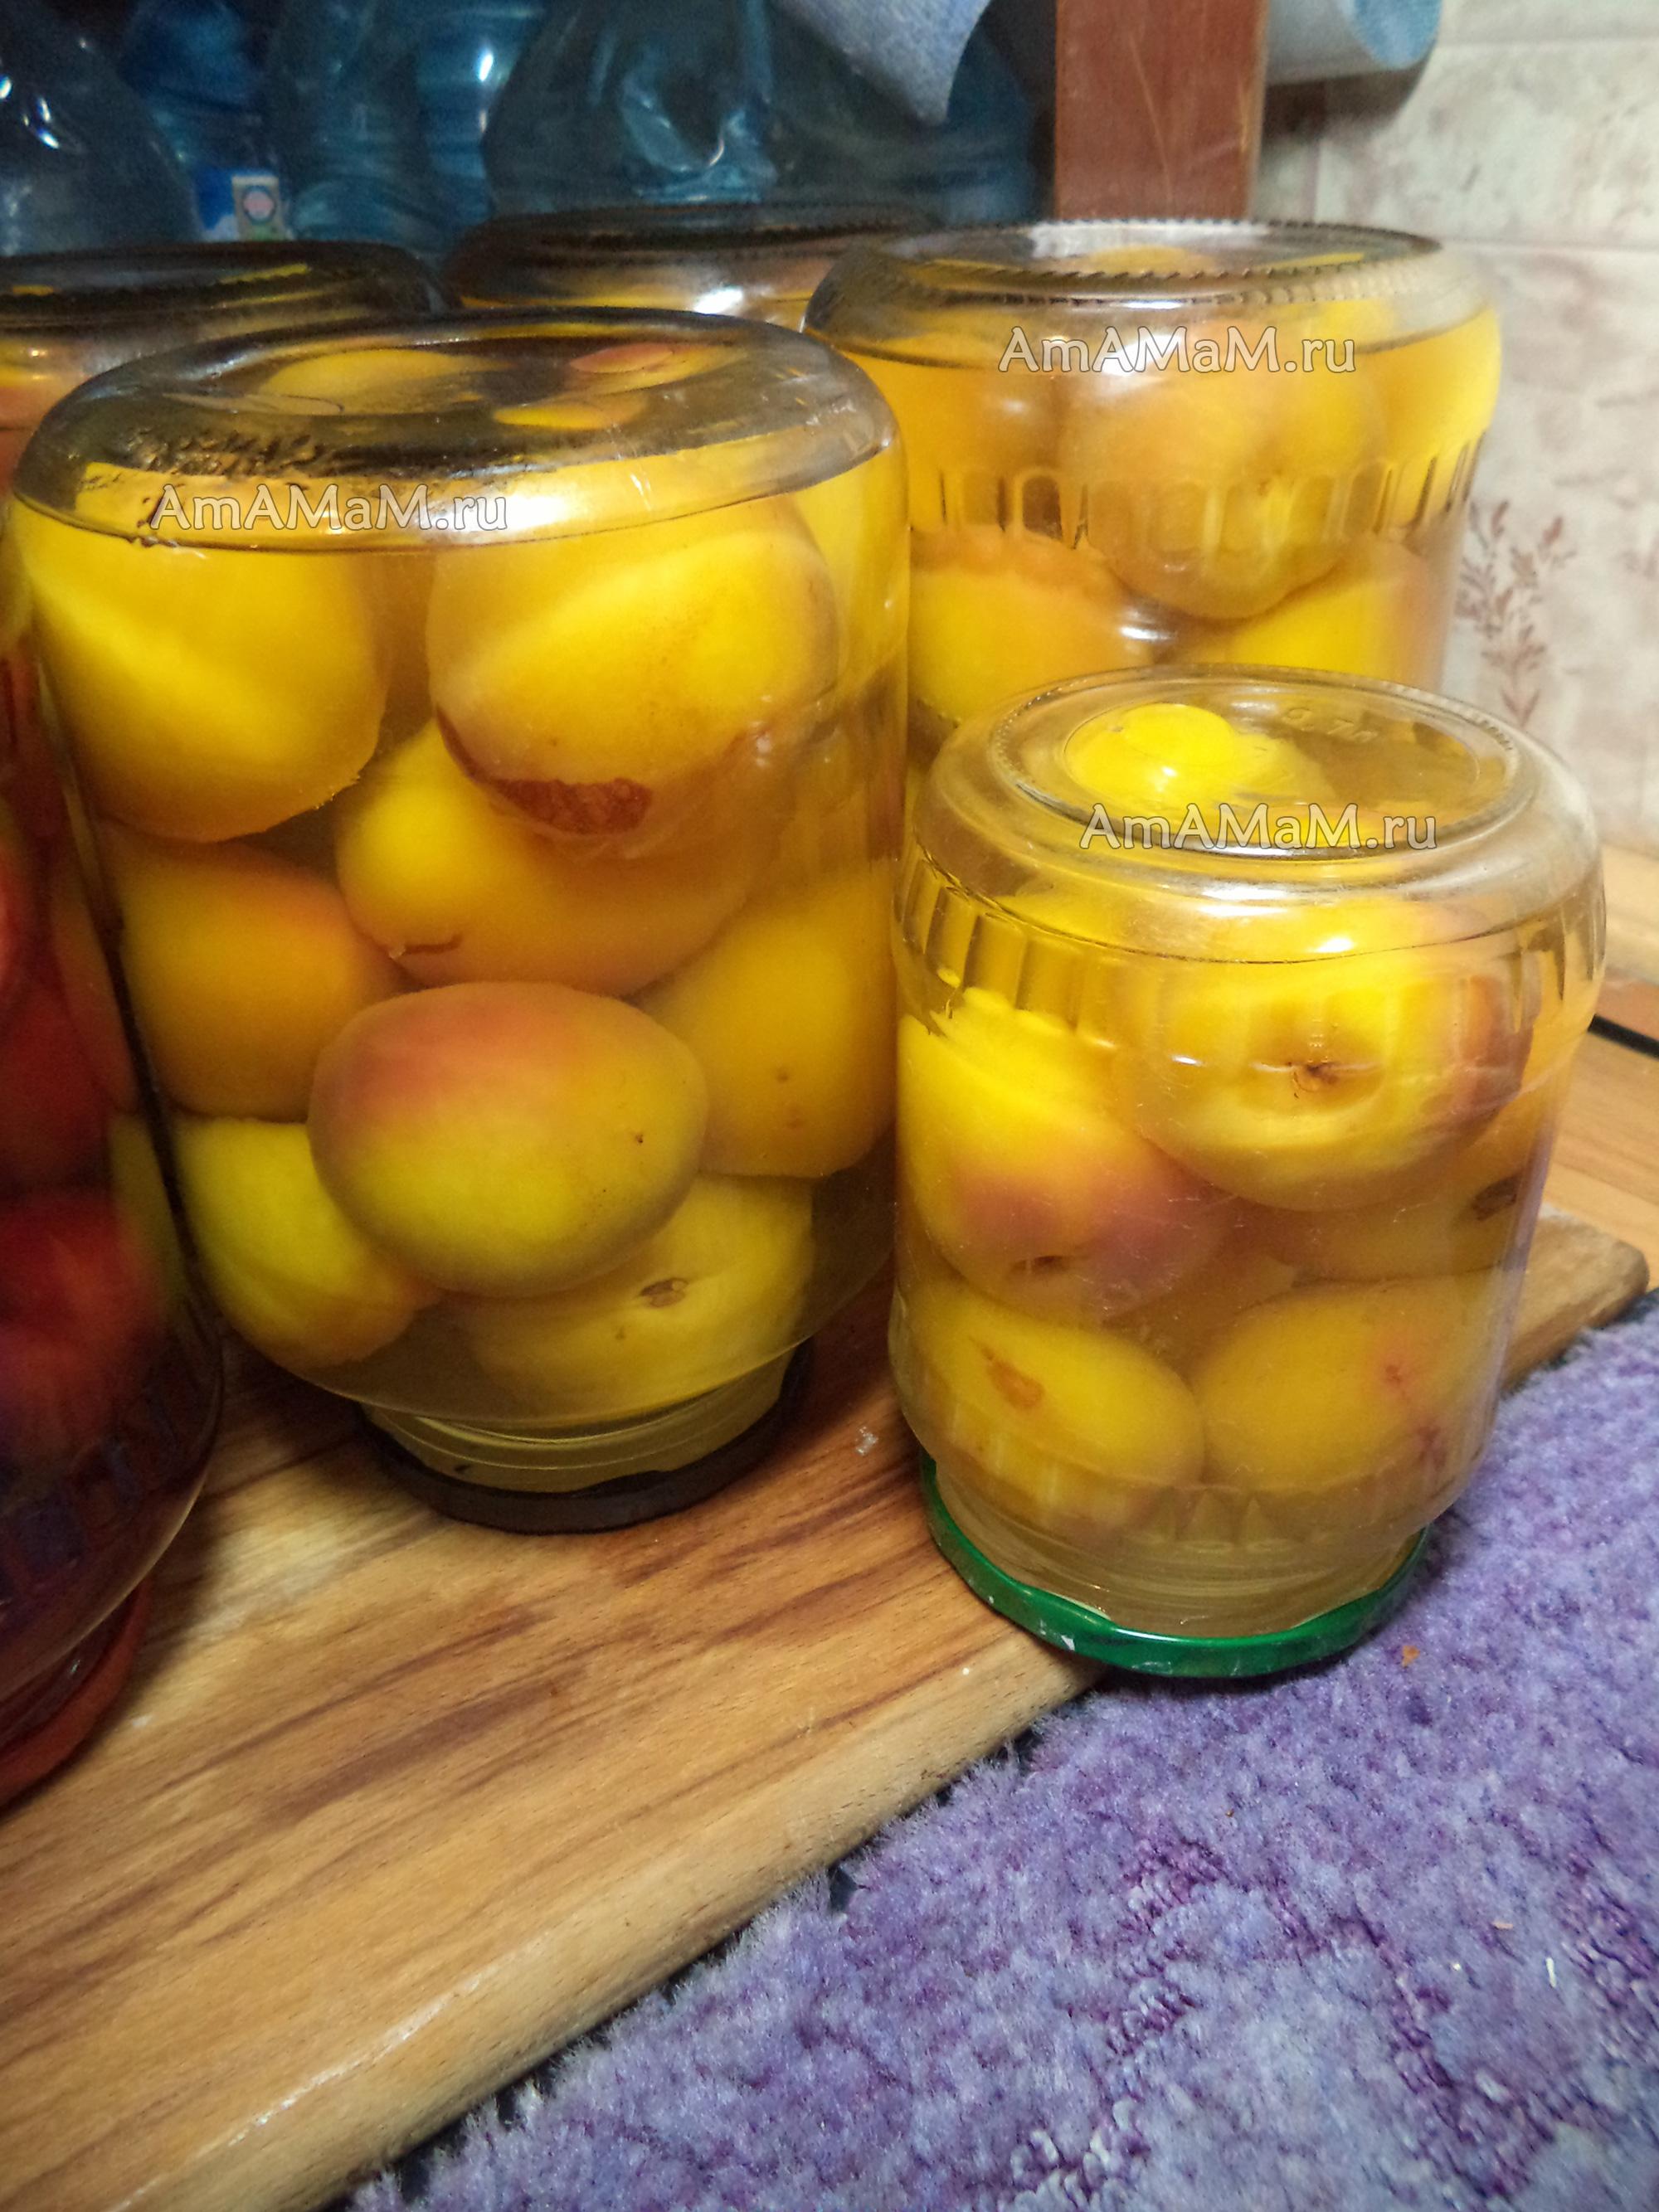 Мои рецепты Наливка из персиков в домашних условиях рецепт 82